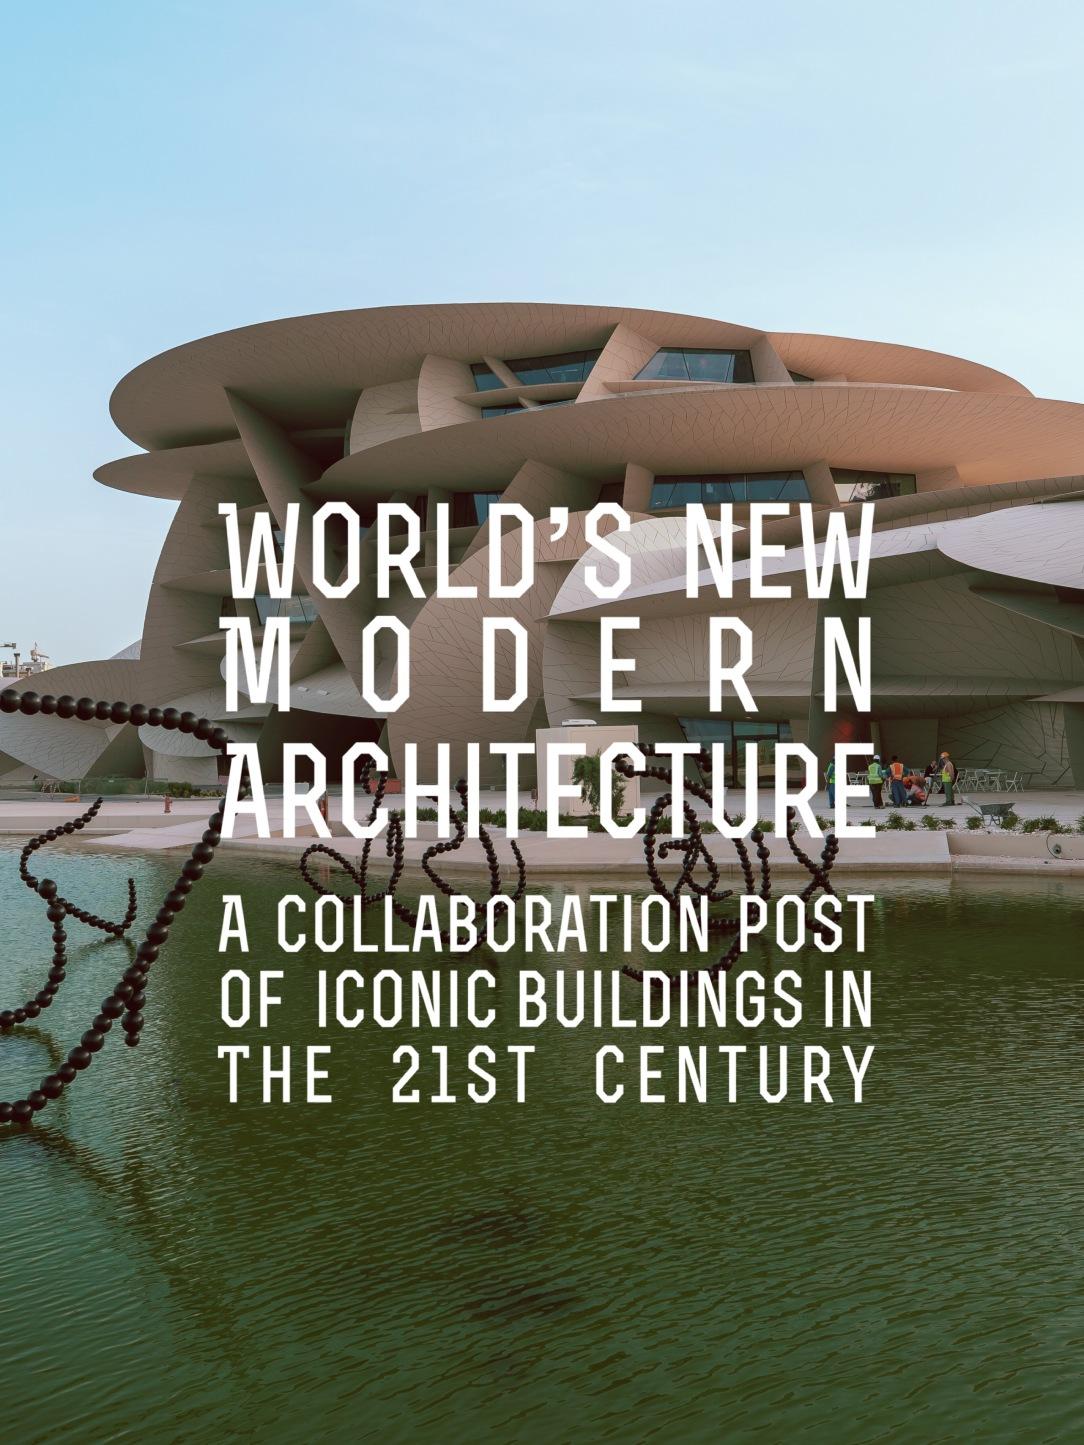 World's New Modern Architecture